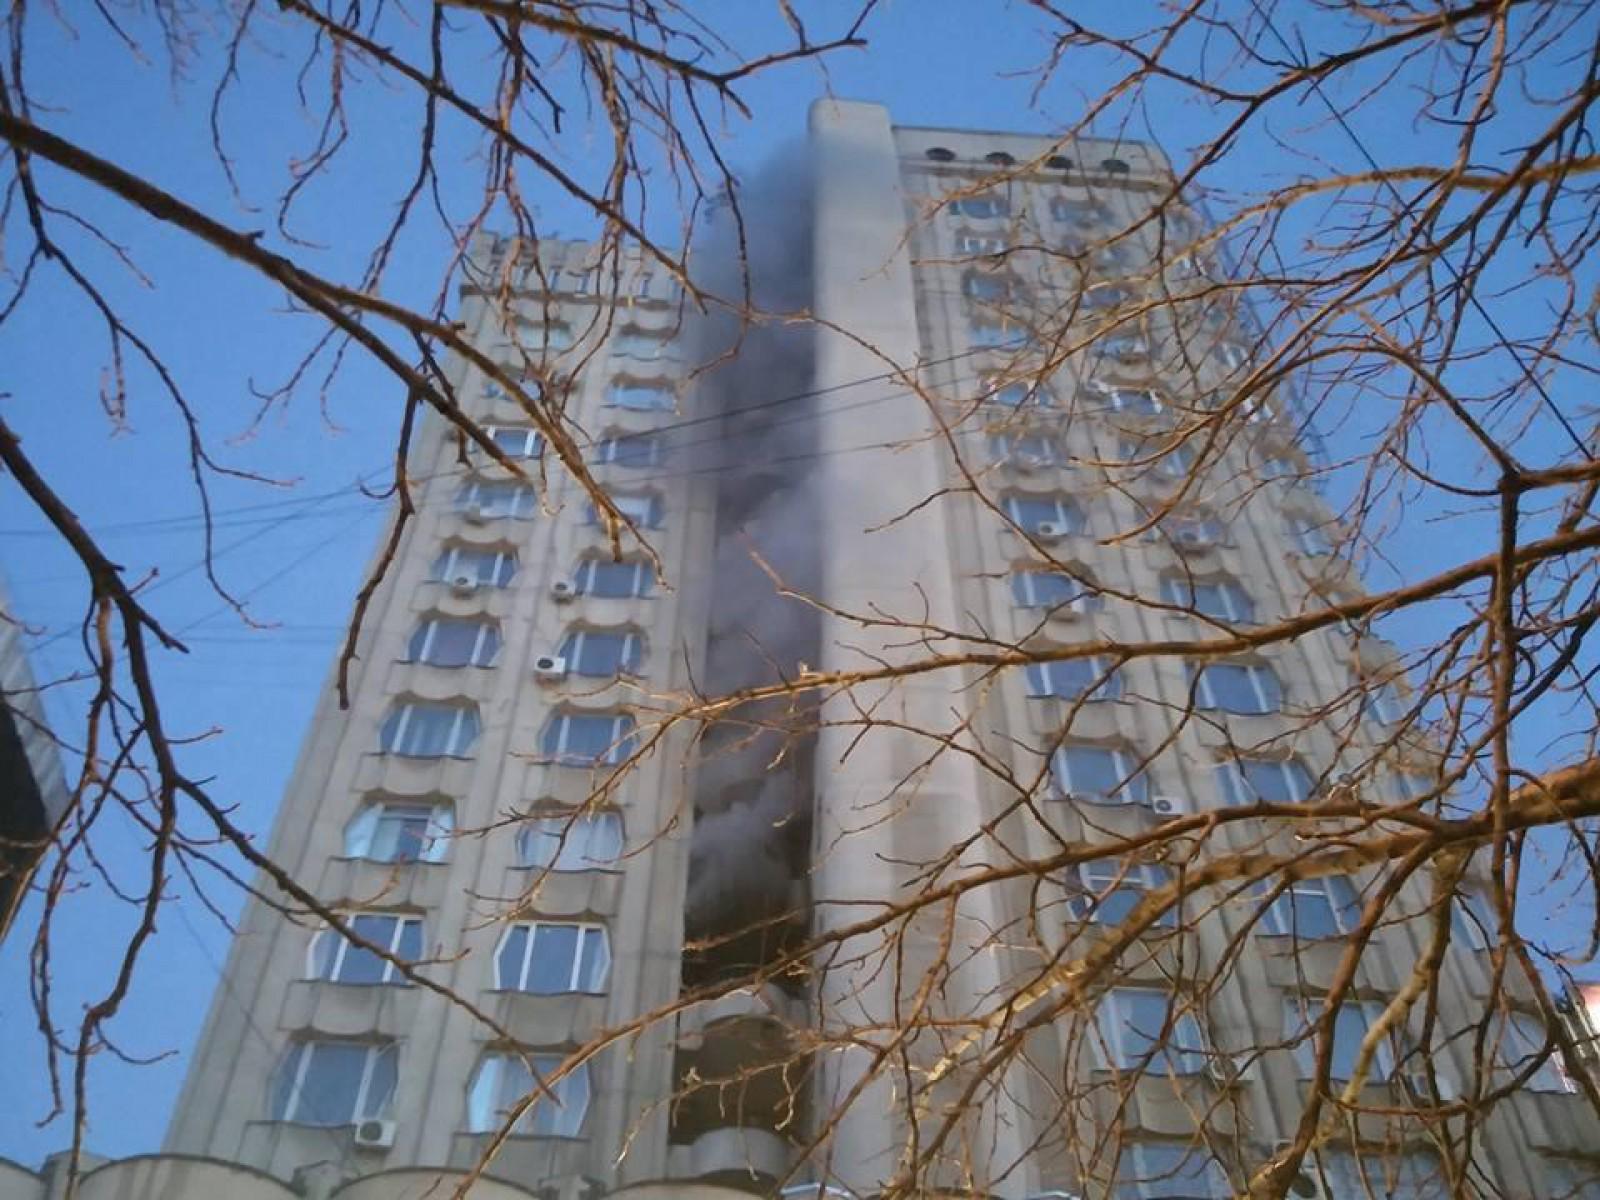 În urma incendiului din sectorul Rîșcani al capitalei, o persoană a fost transportată la spital